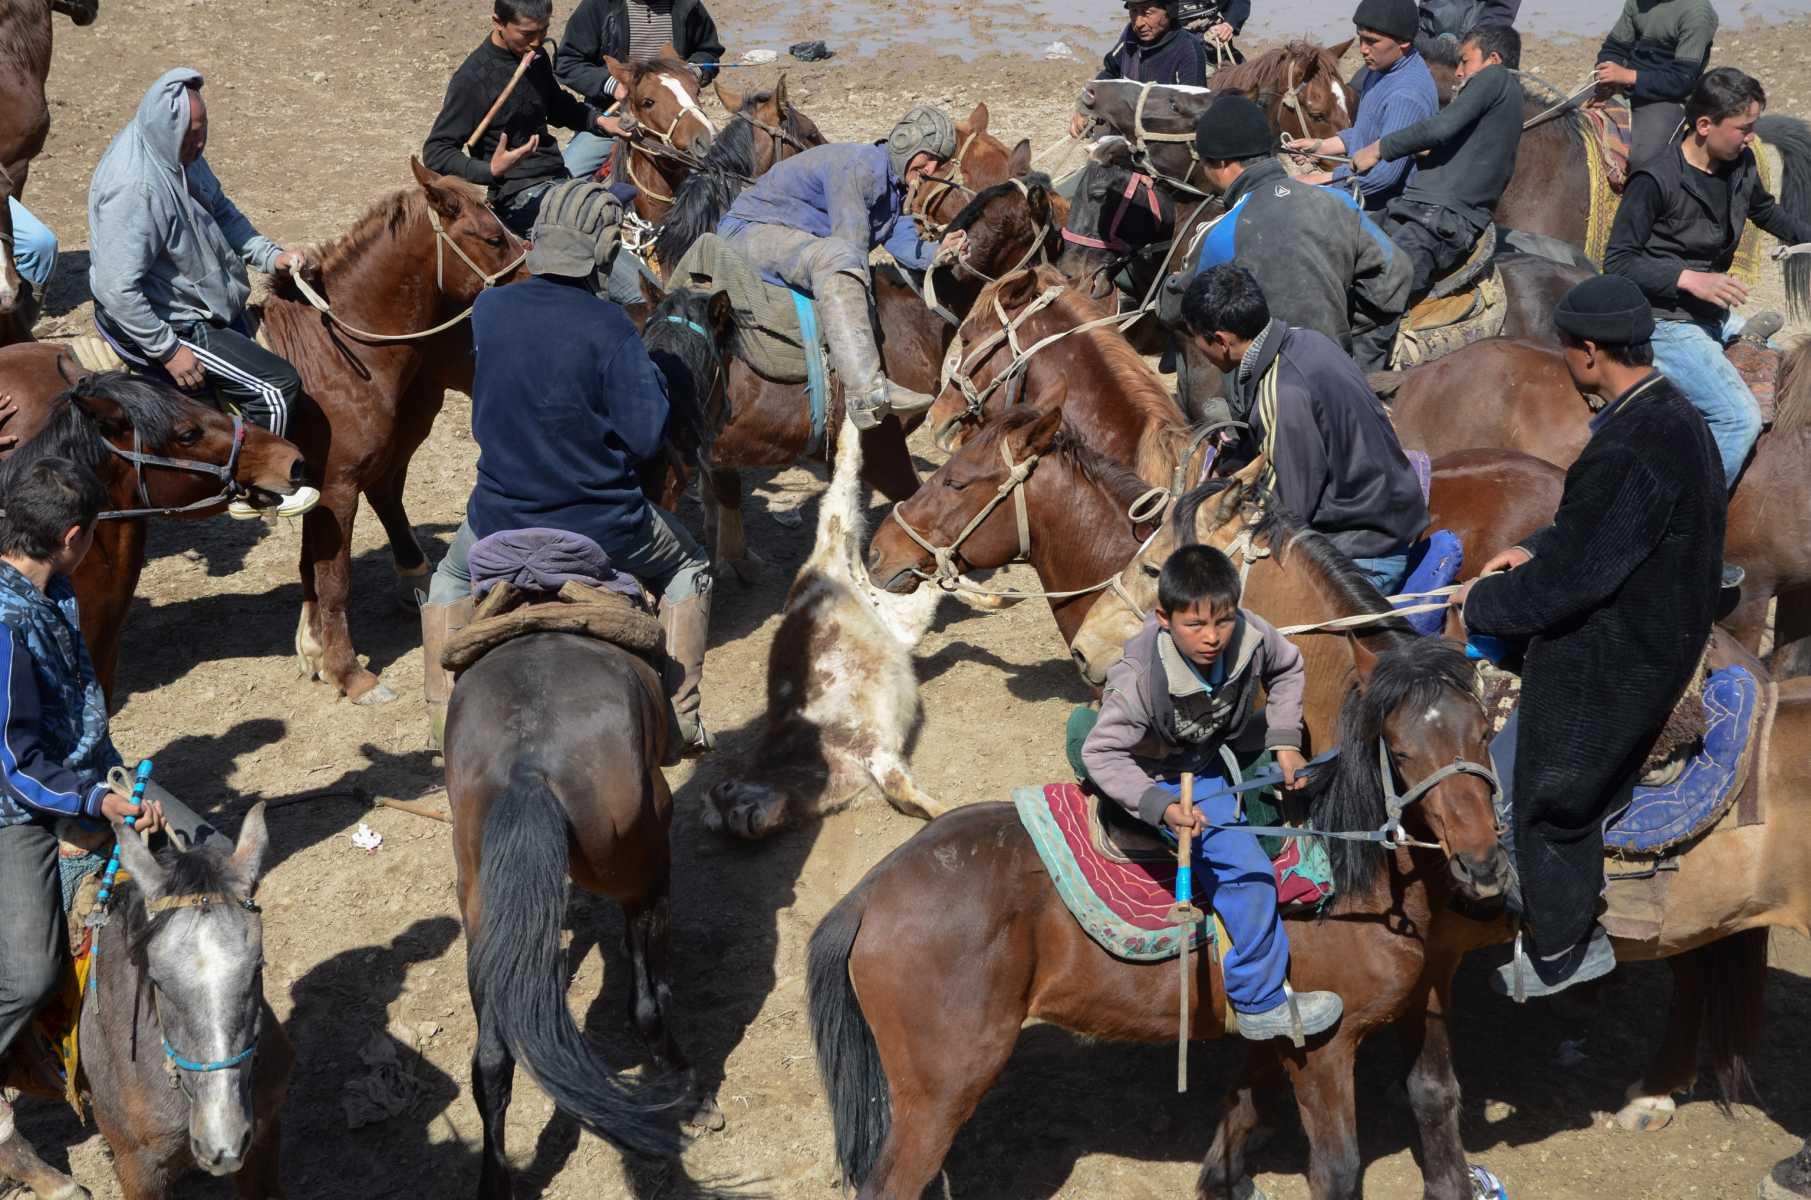 Ouzbekistan - Partie de Kupkari au village de Chirakchi